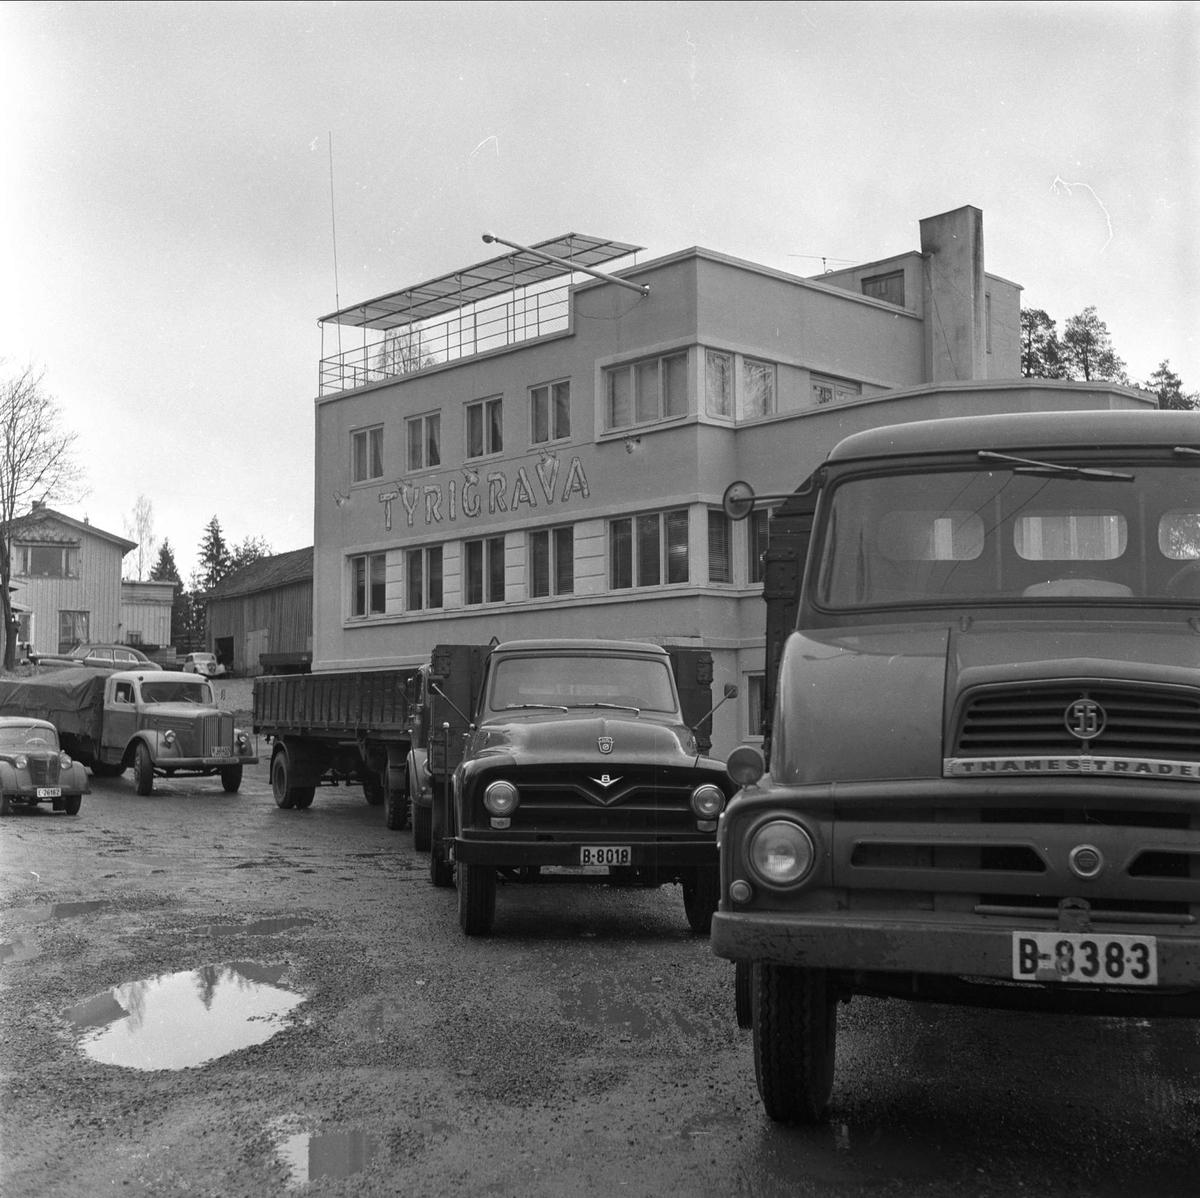 Parkerte lastebiler foran Tyrigrava Kro og Pub, Gamle Mossevei 55, Ski, oktober 1959. Møtested for bil- og motorsyklister.